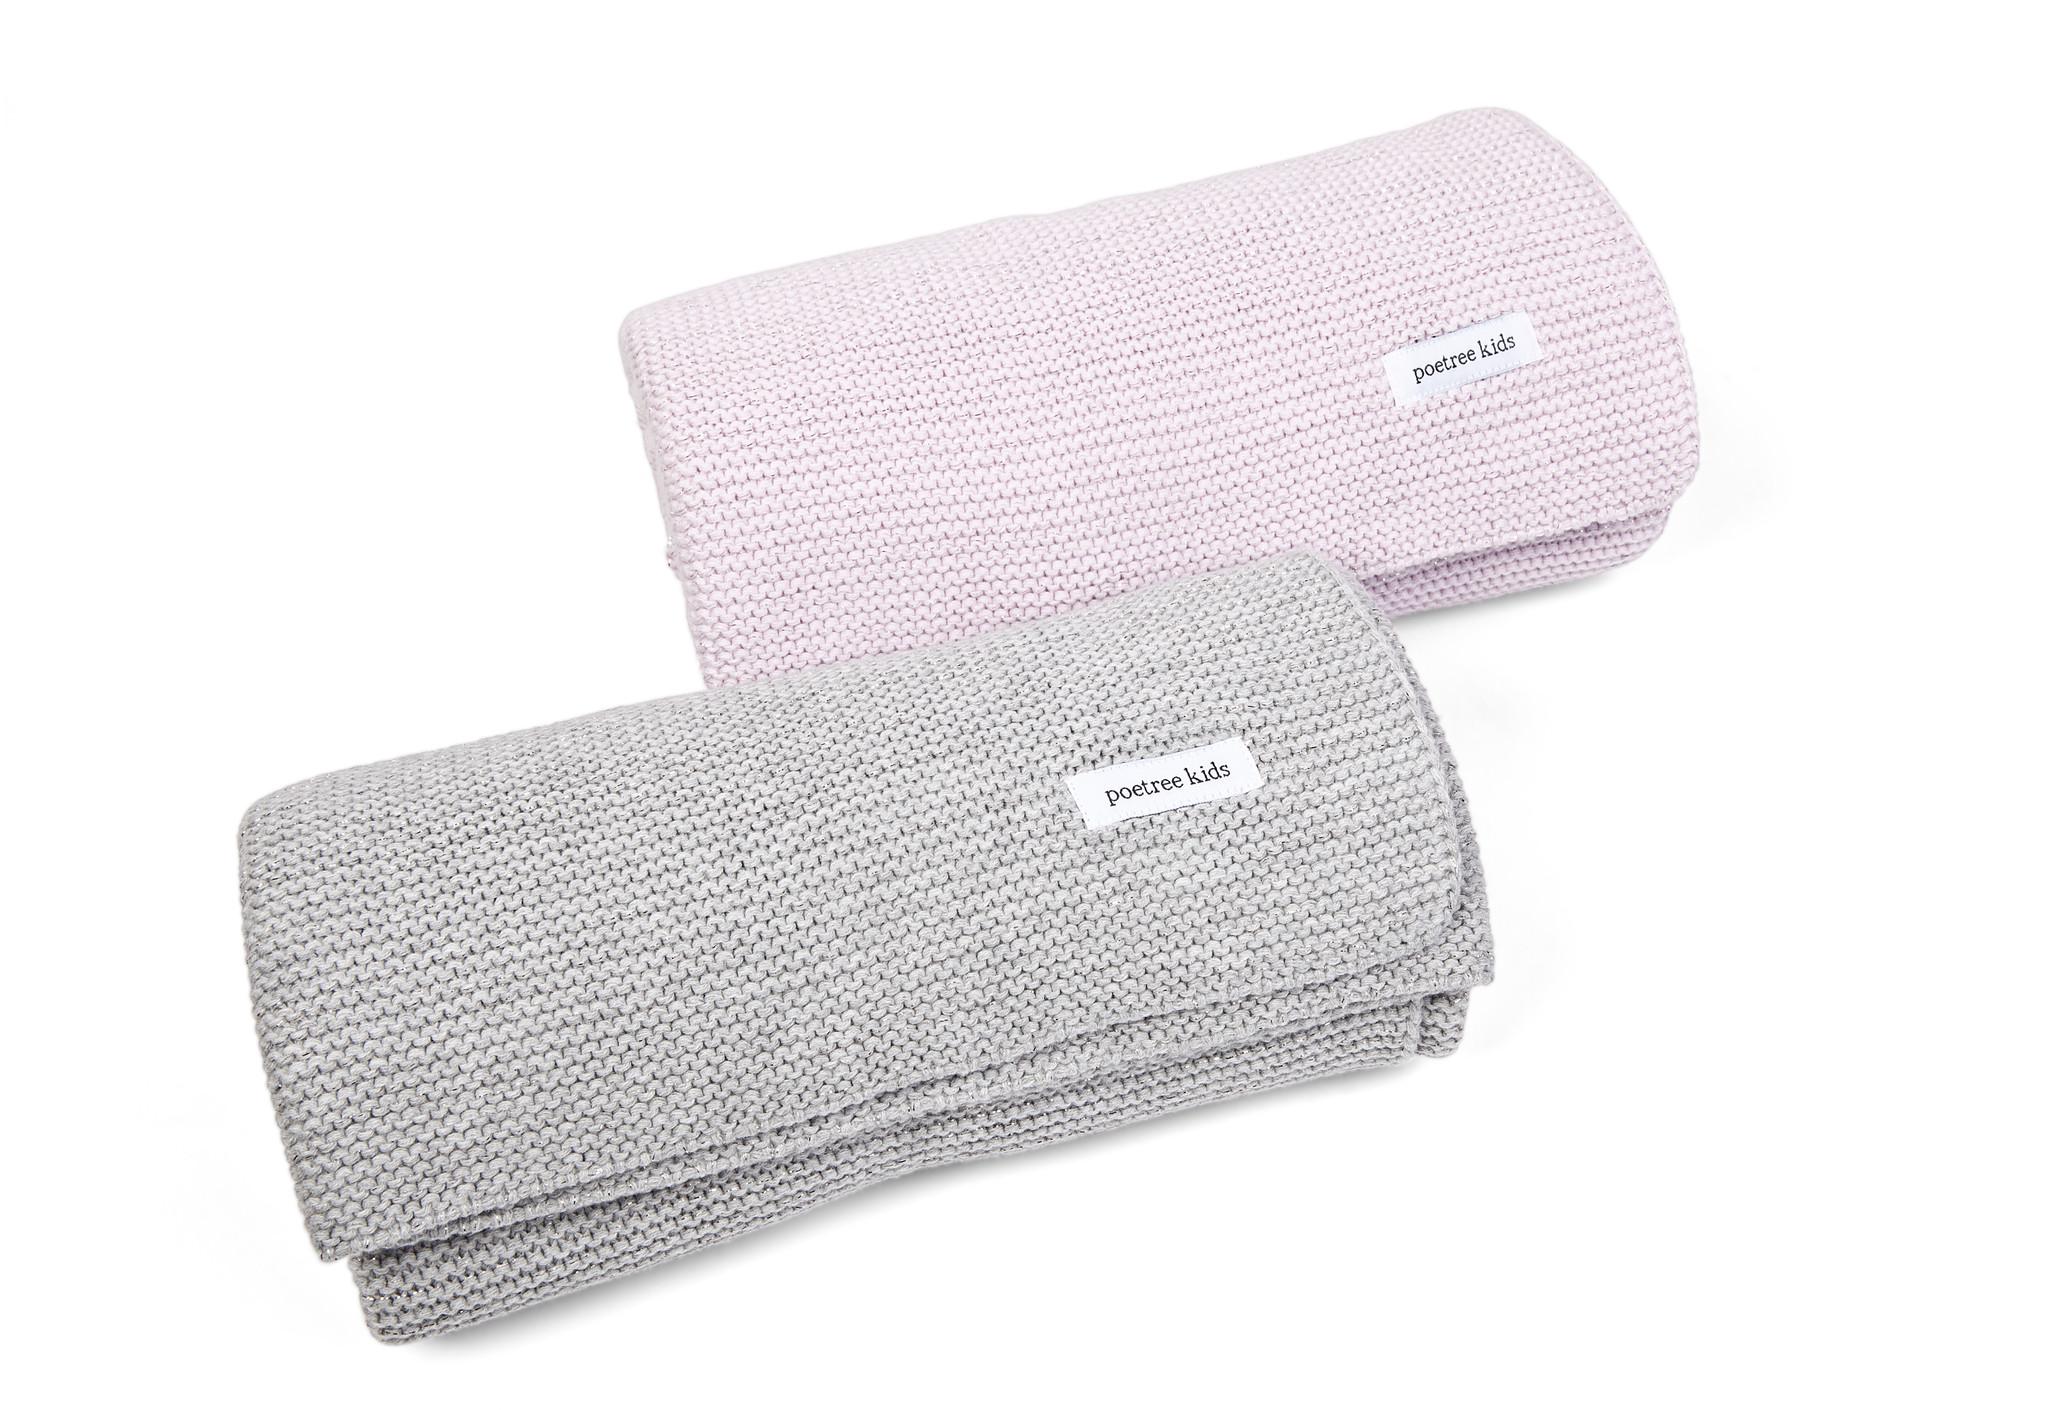 Ledikant deken met zachte glans-2